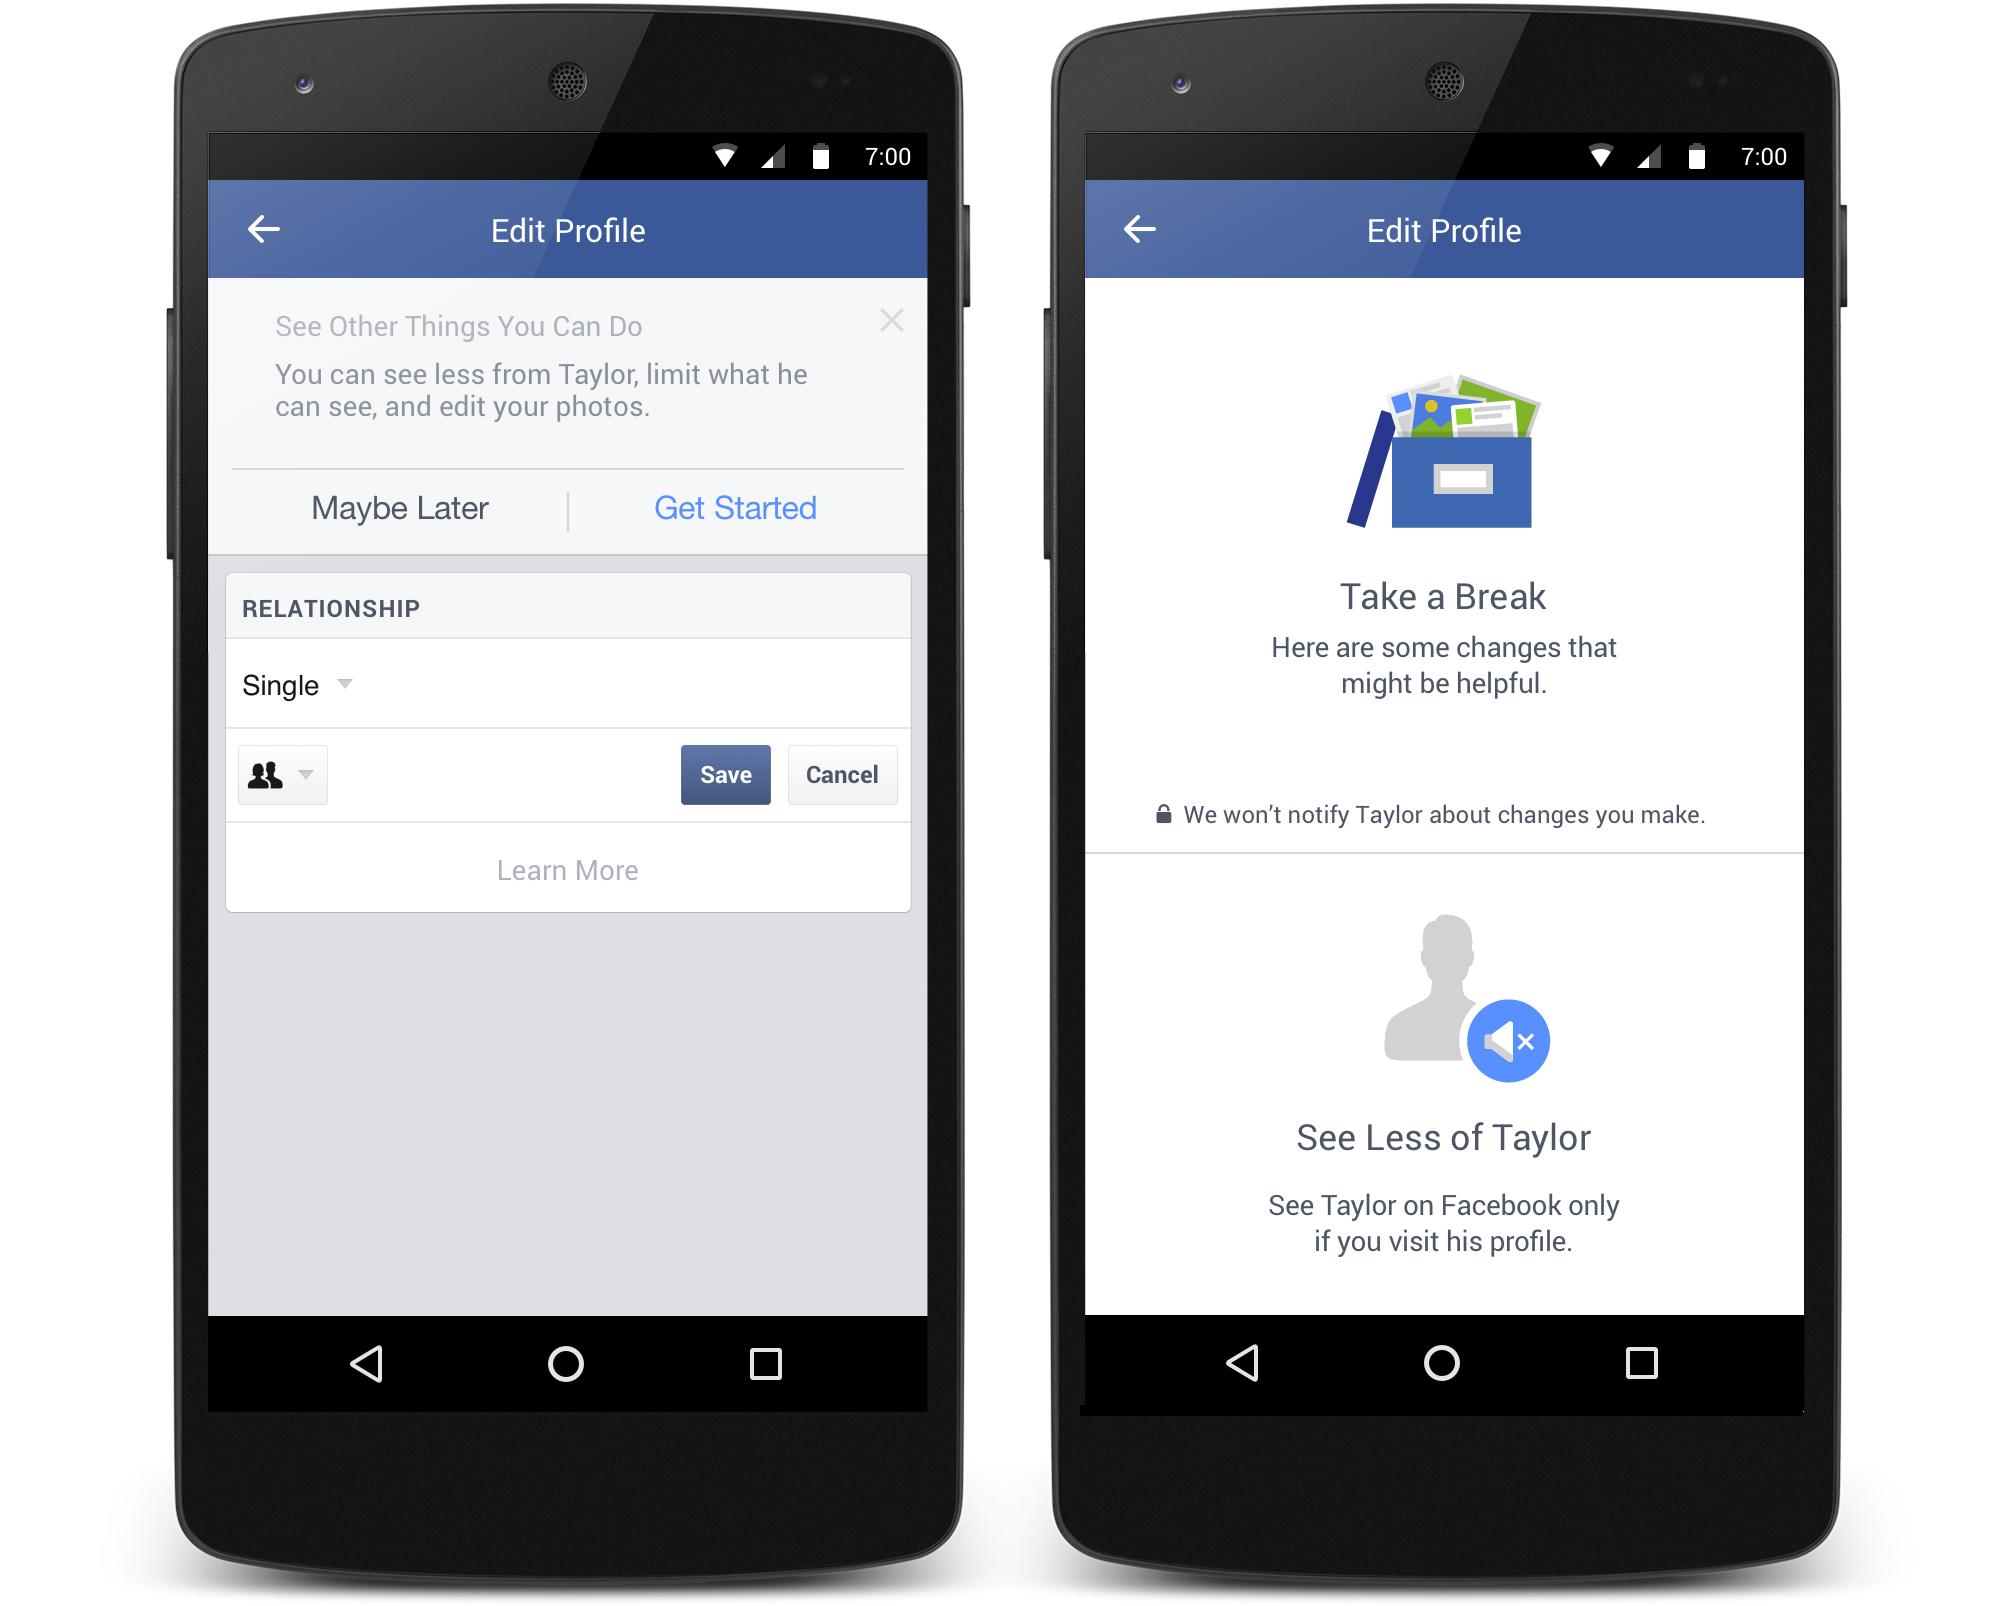 Facebook : une fonctionnalité pour mieux vivre les ruptures amoureuses